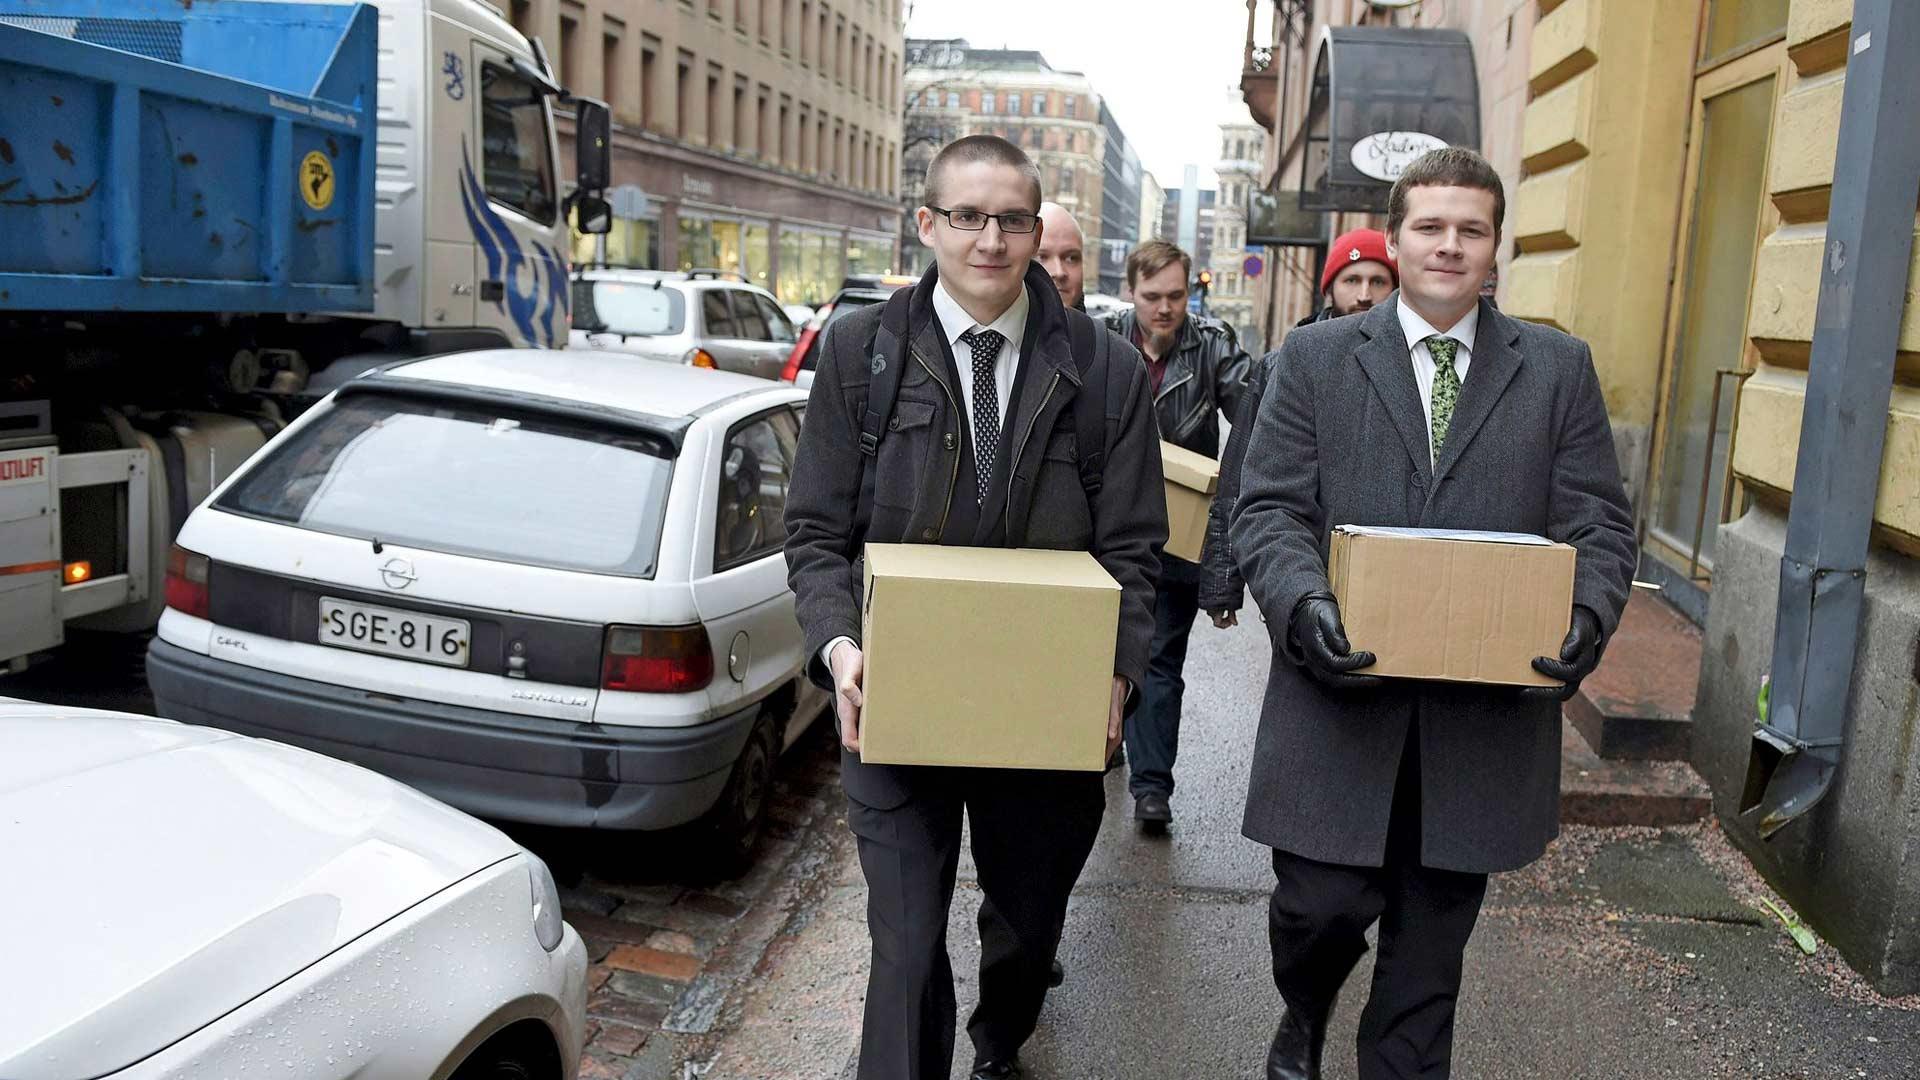 Kansallisen viskipuolueen puheenjohtaja Juhani Kähärä sekä Tuomas Tiainen toivat puolueen rekisteröimiseksi kerätyt kannattajakortit oikeusministeriöön vuonna 2016. Puolue muutti nimensä pian Liberaalipuolueeksi.